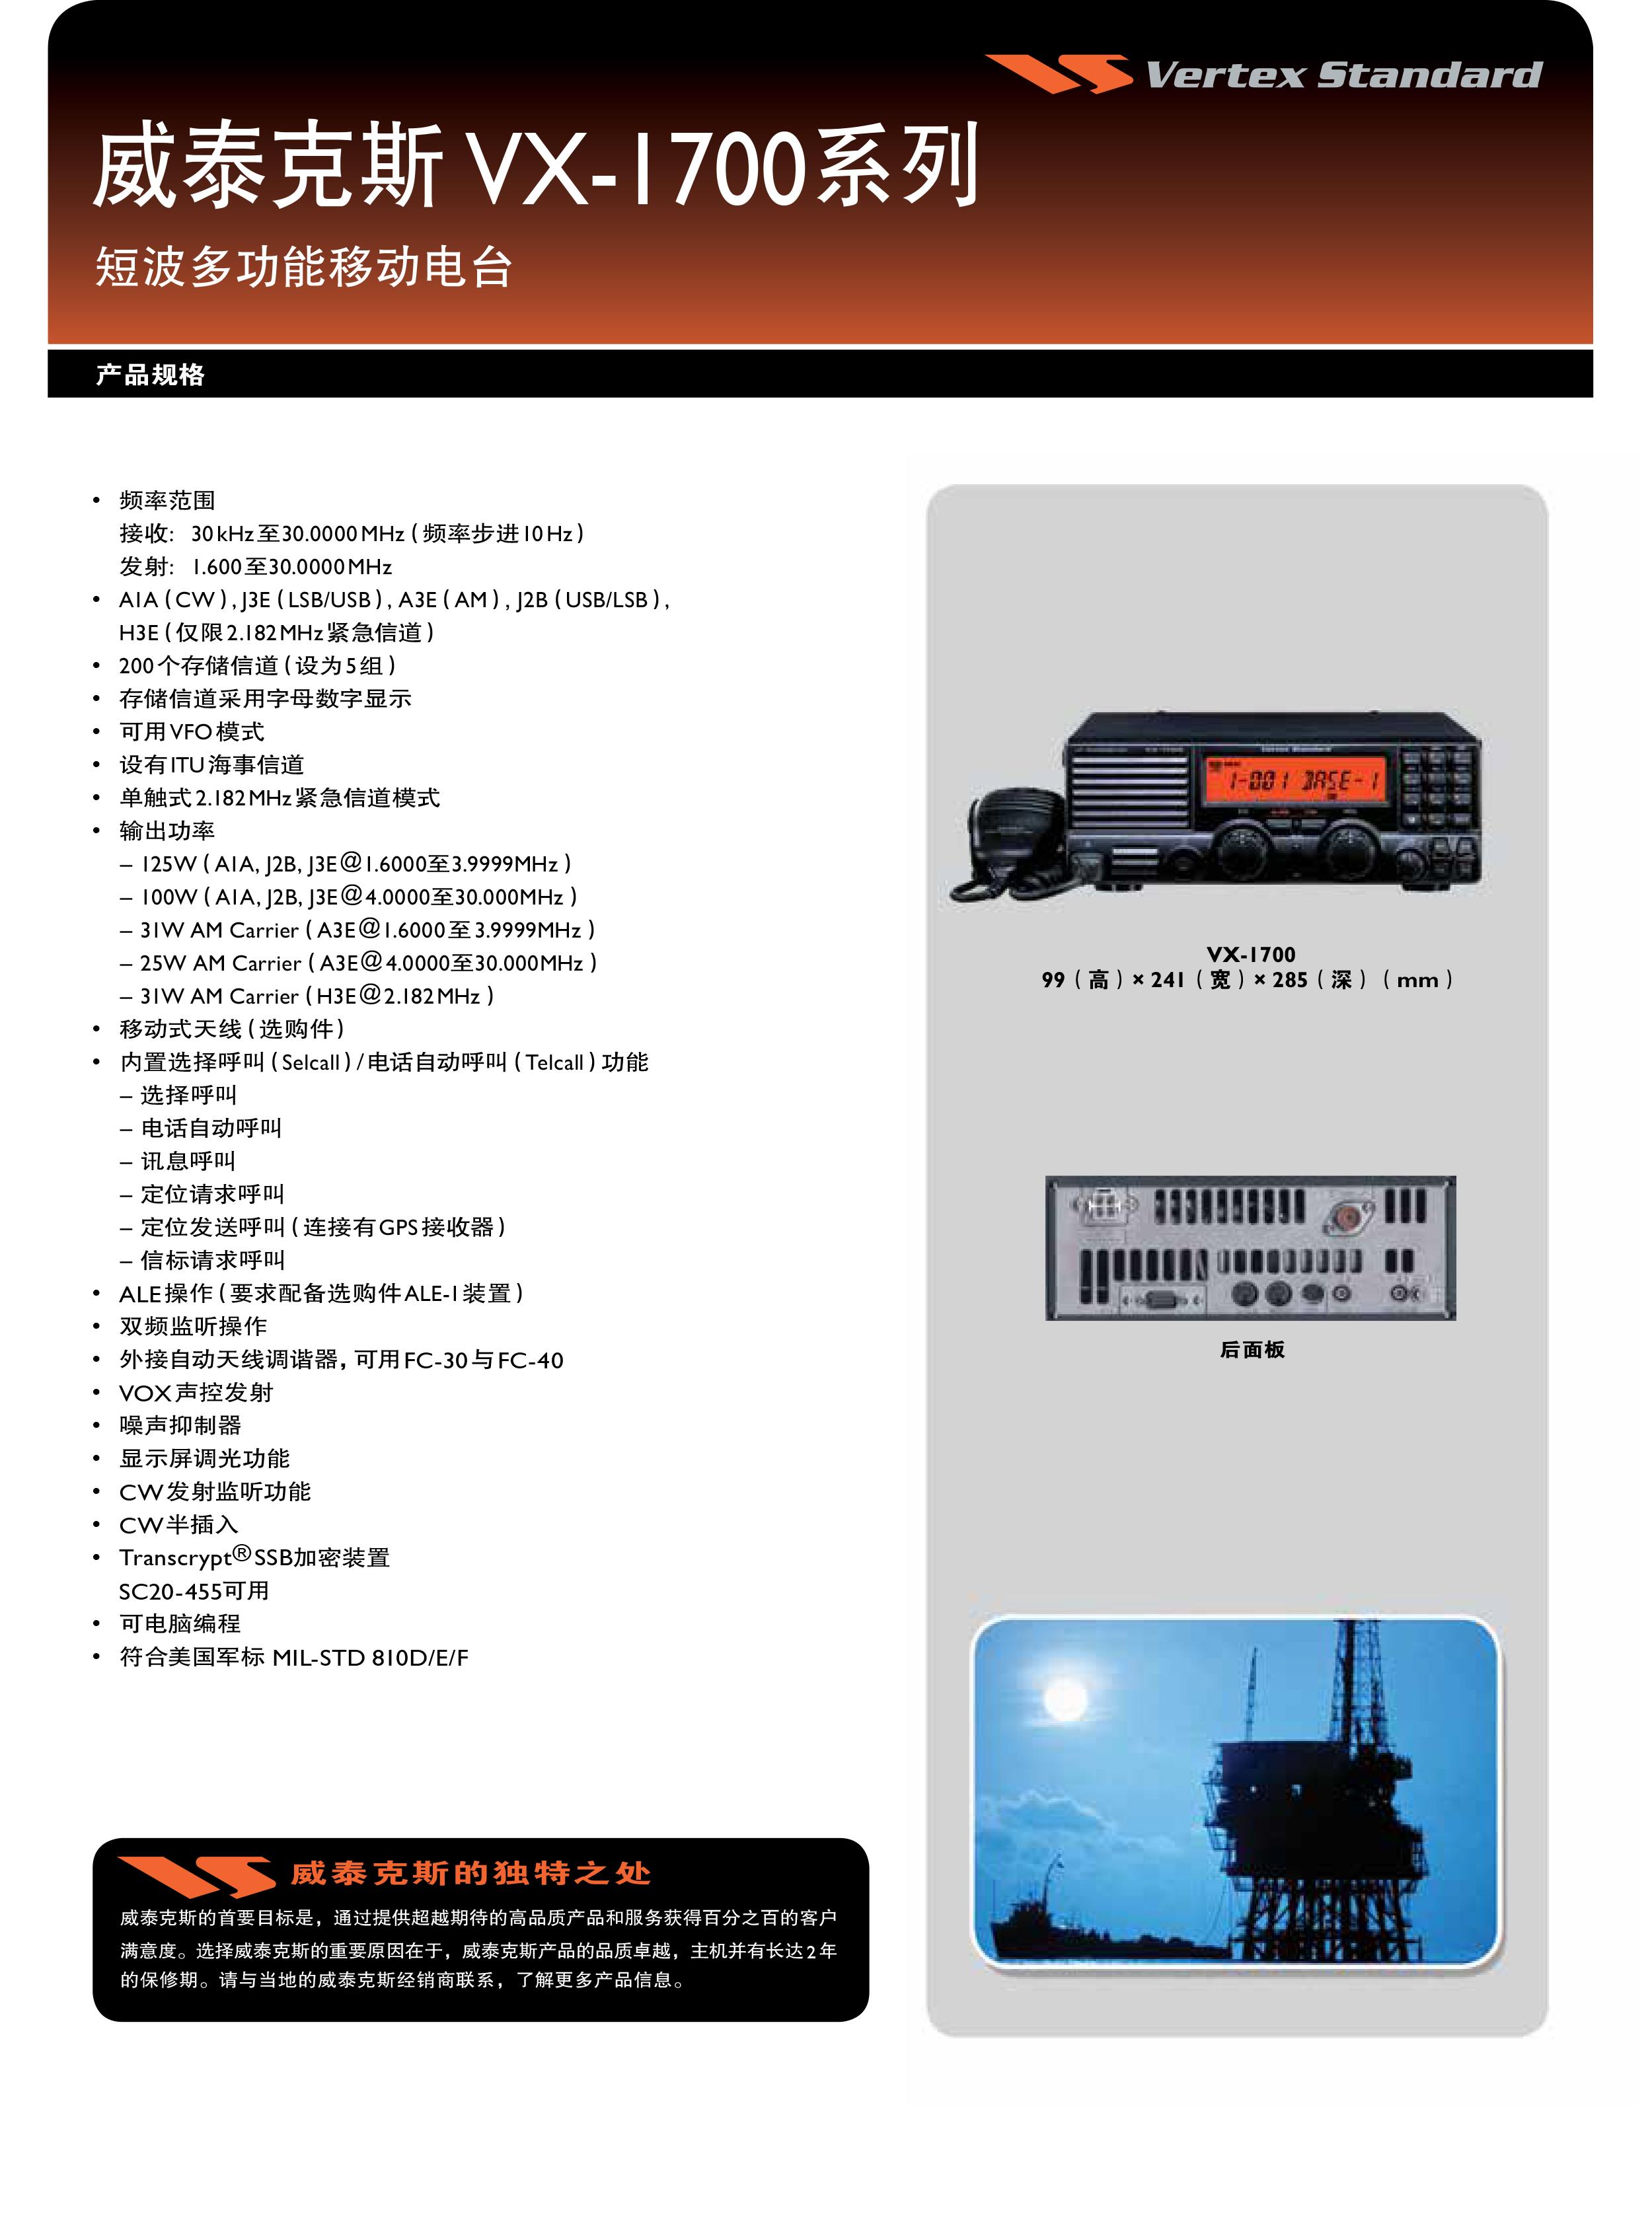 VX-1700彩页_01